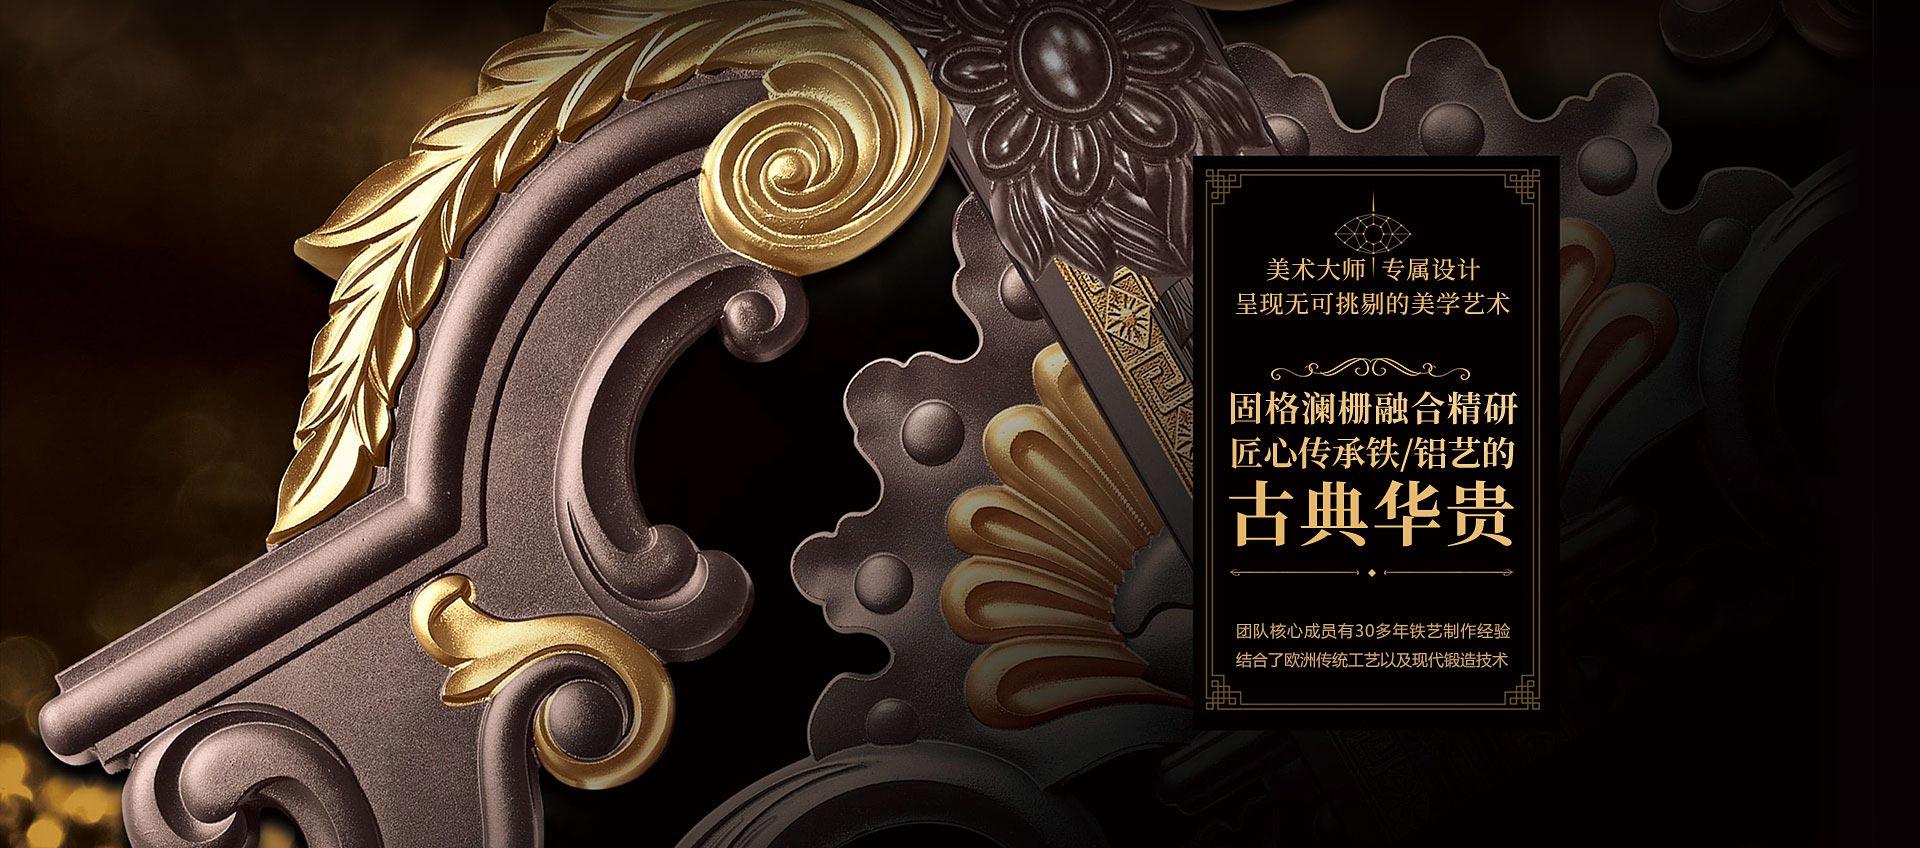 固格澜栅融合精研、匠心传承铁/铝艺的古典华贵